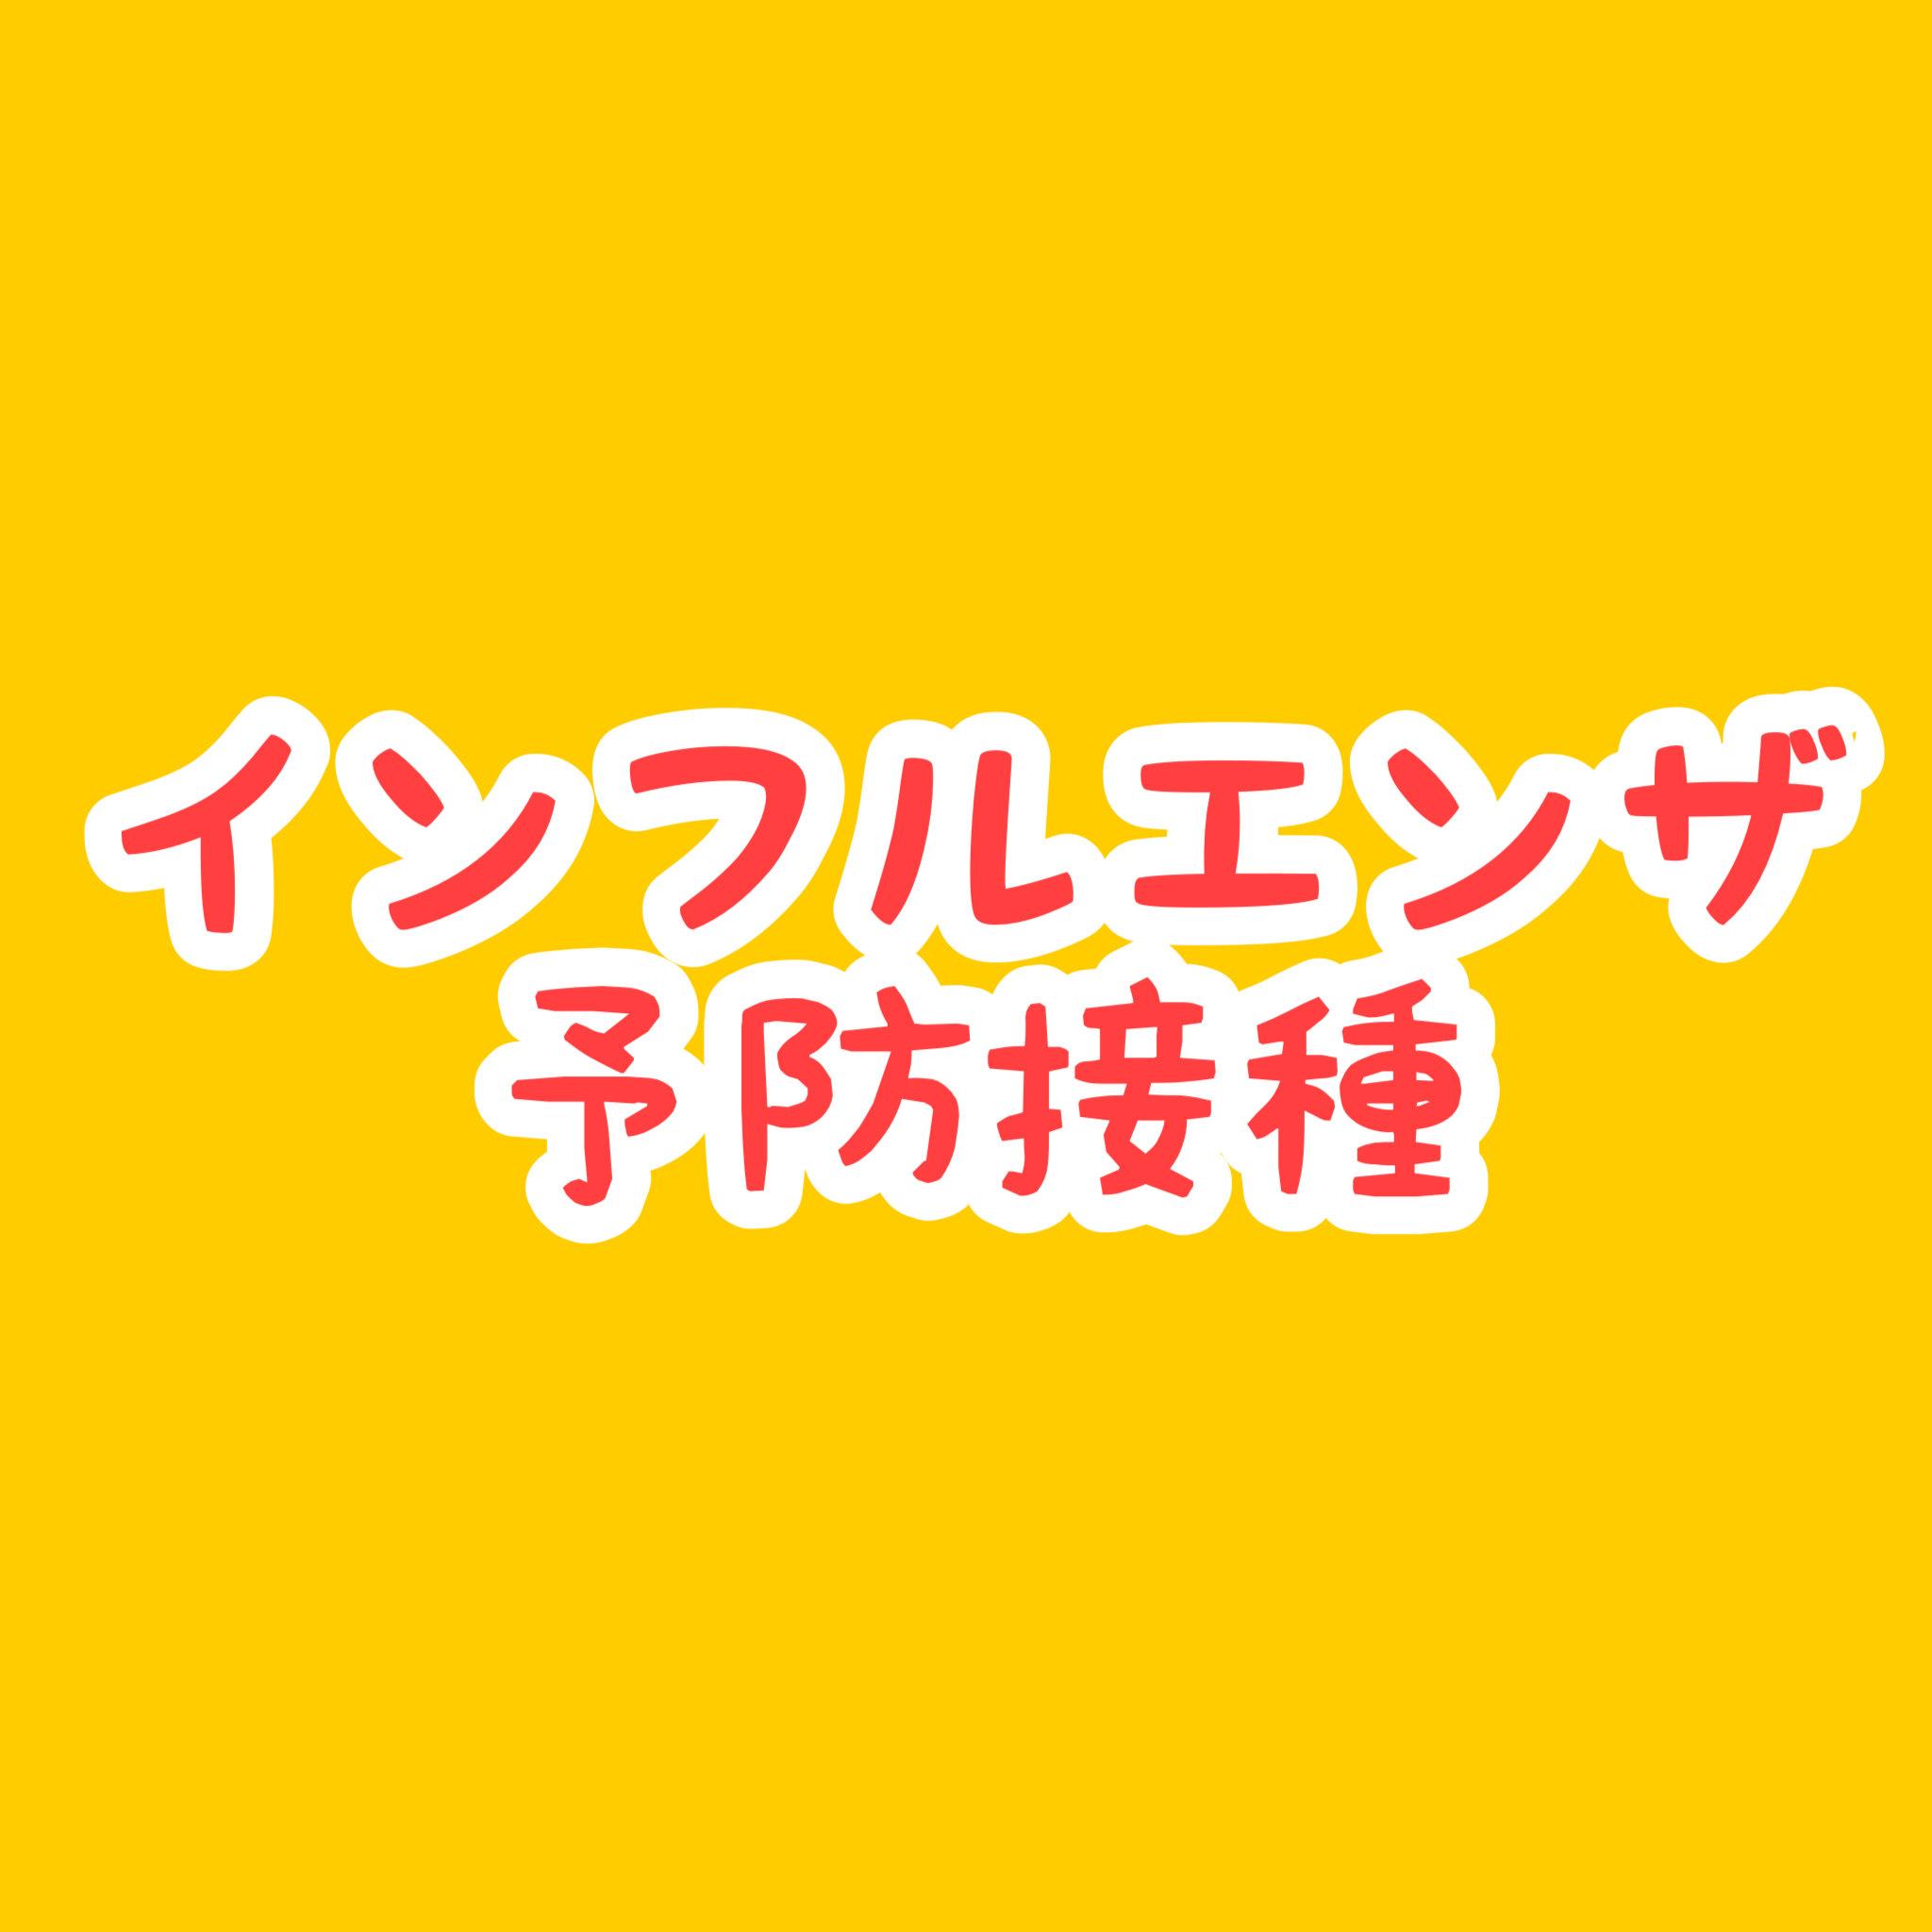 1/5更新◆インフルエンザ予防接種のご予約について